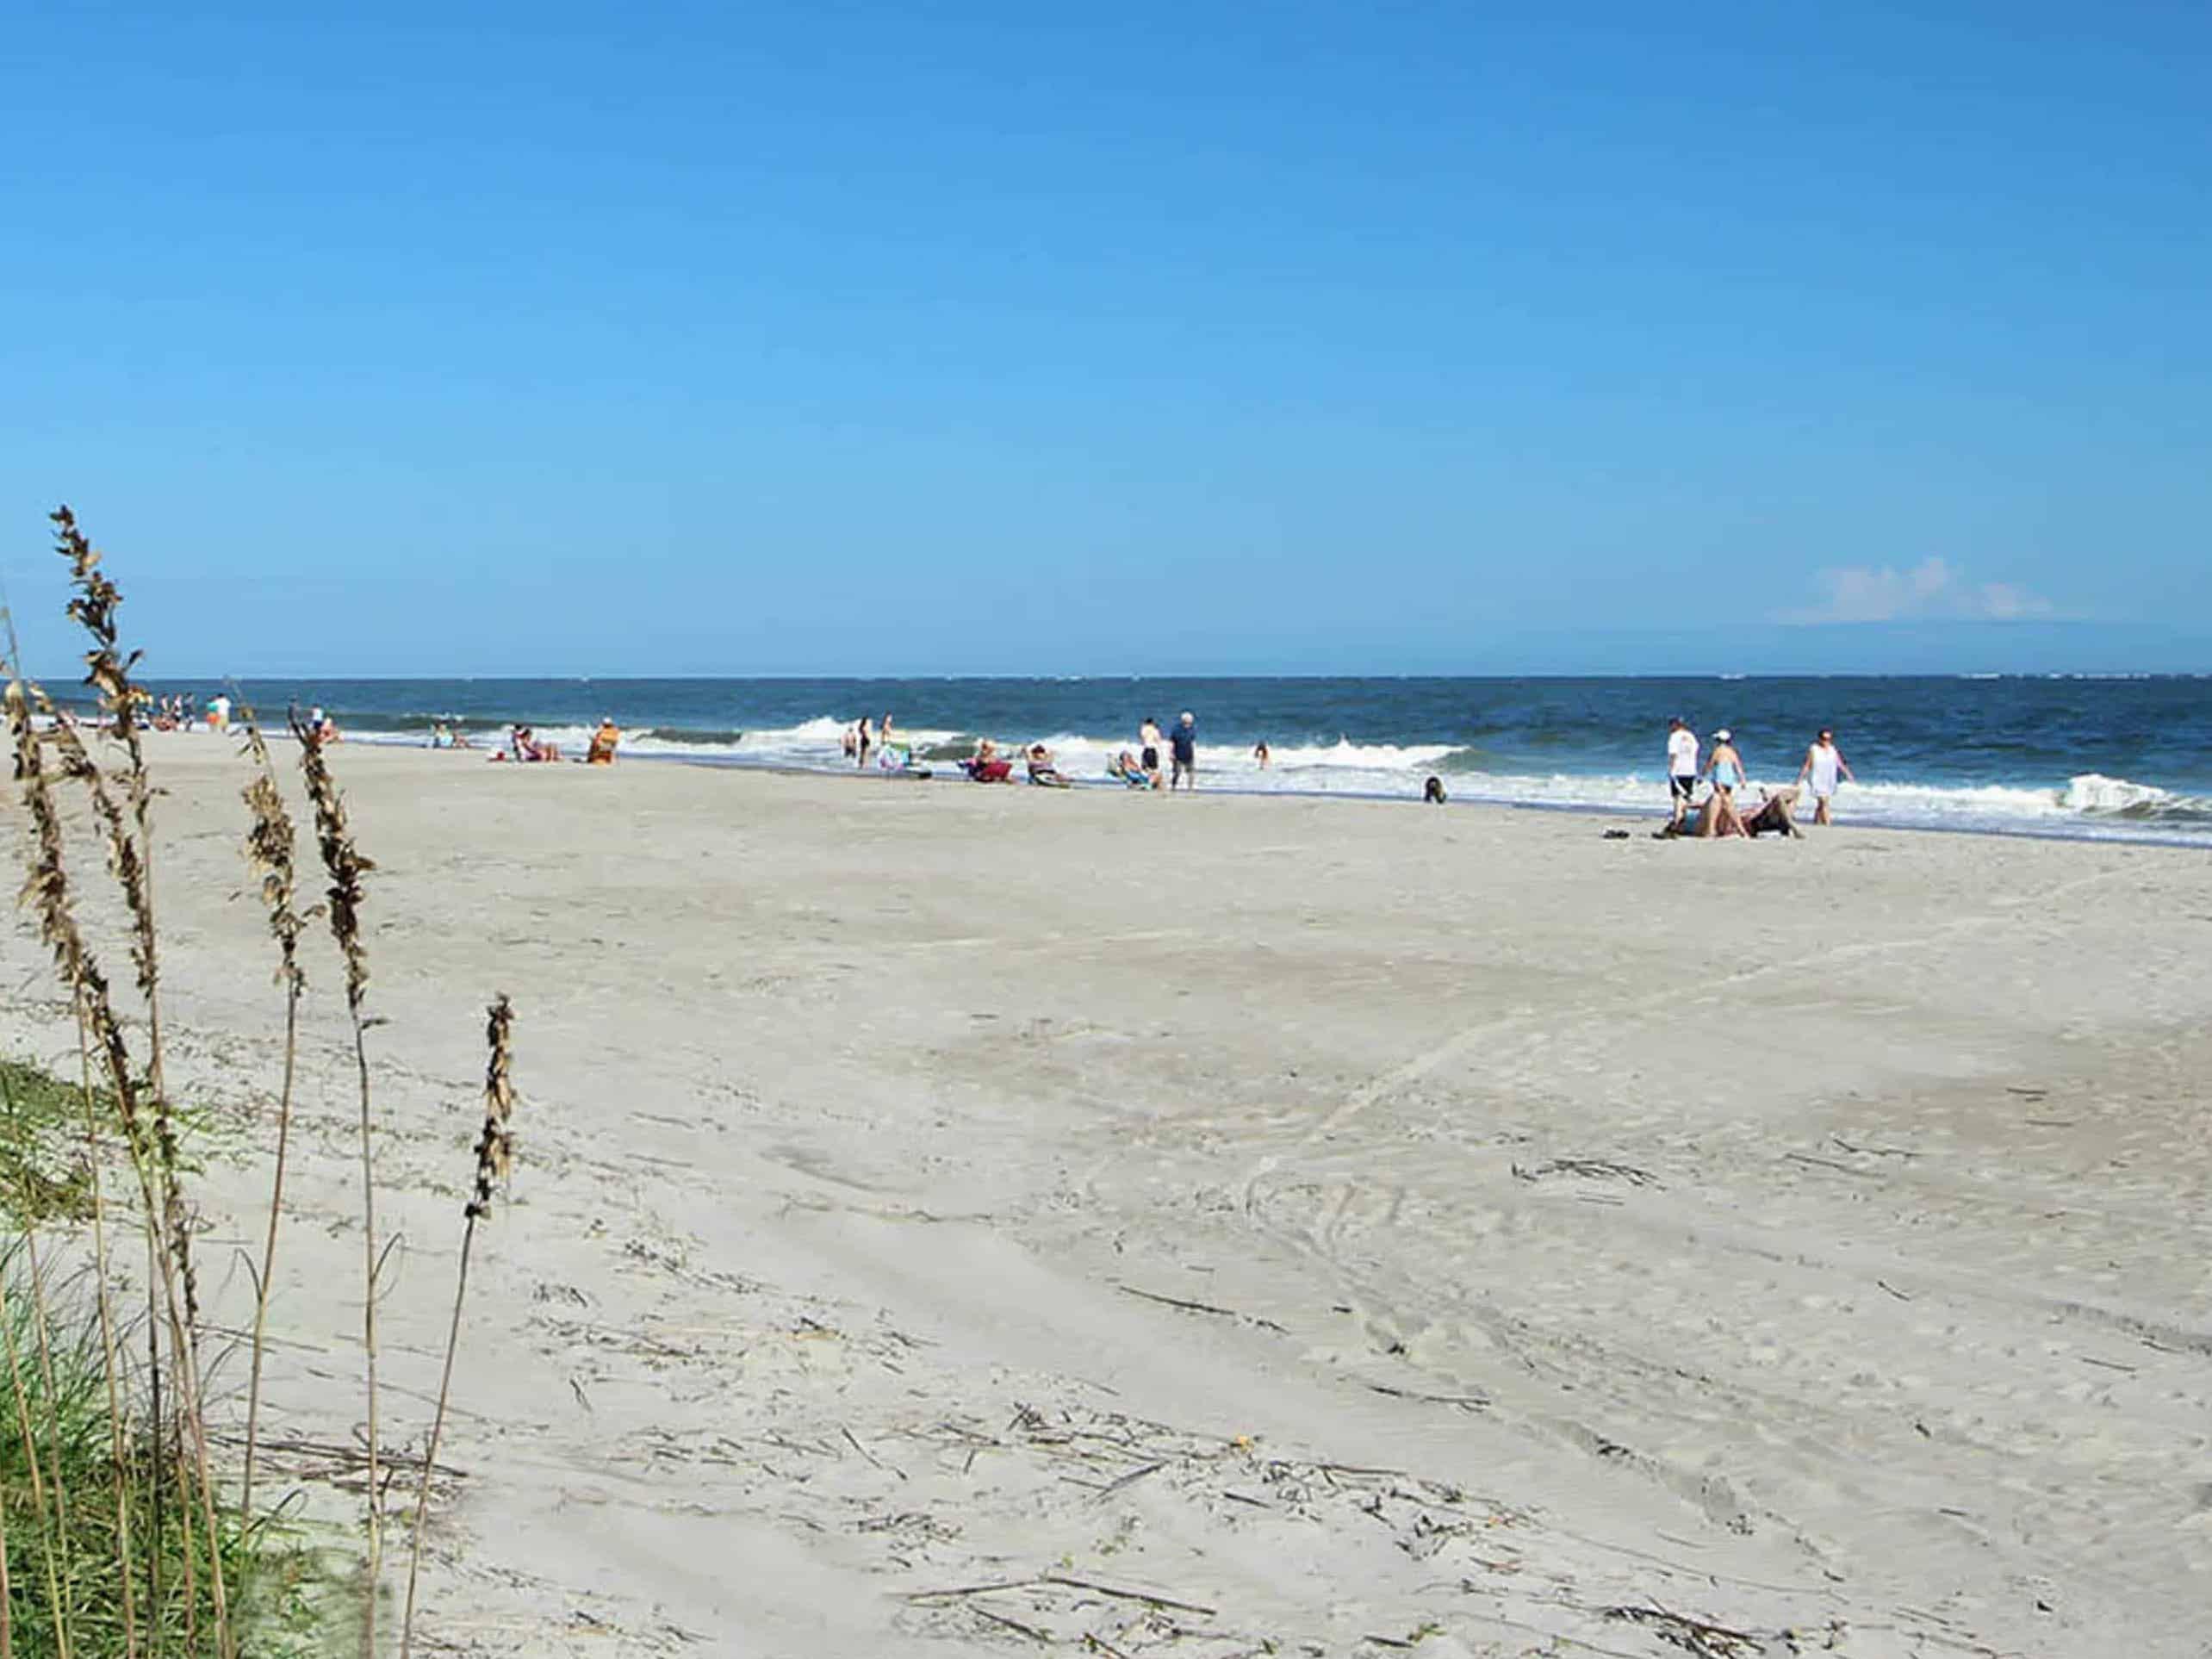 beachgoers on a sunny day on hilton head island